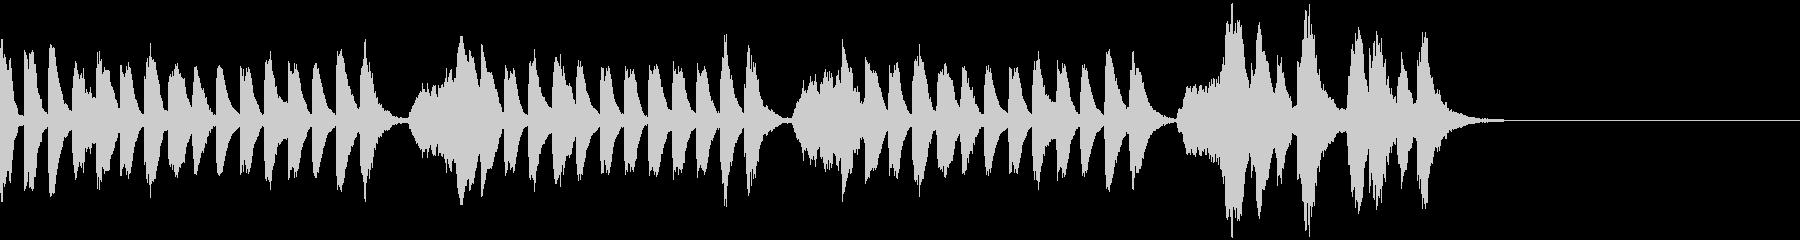 ほのぼのとしたピアノとストリングスの未再生の波形